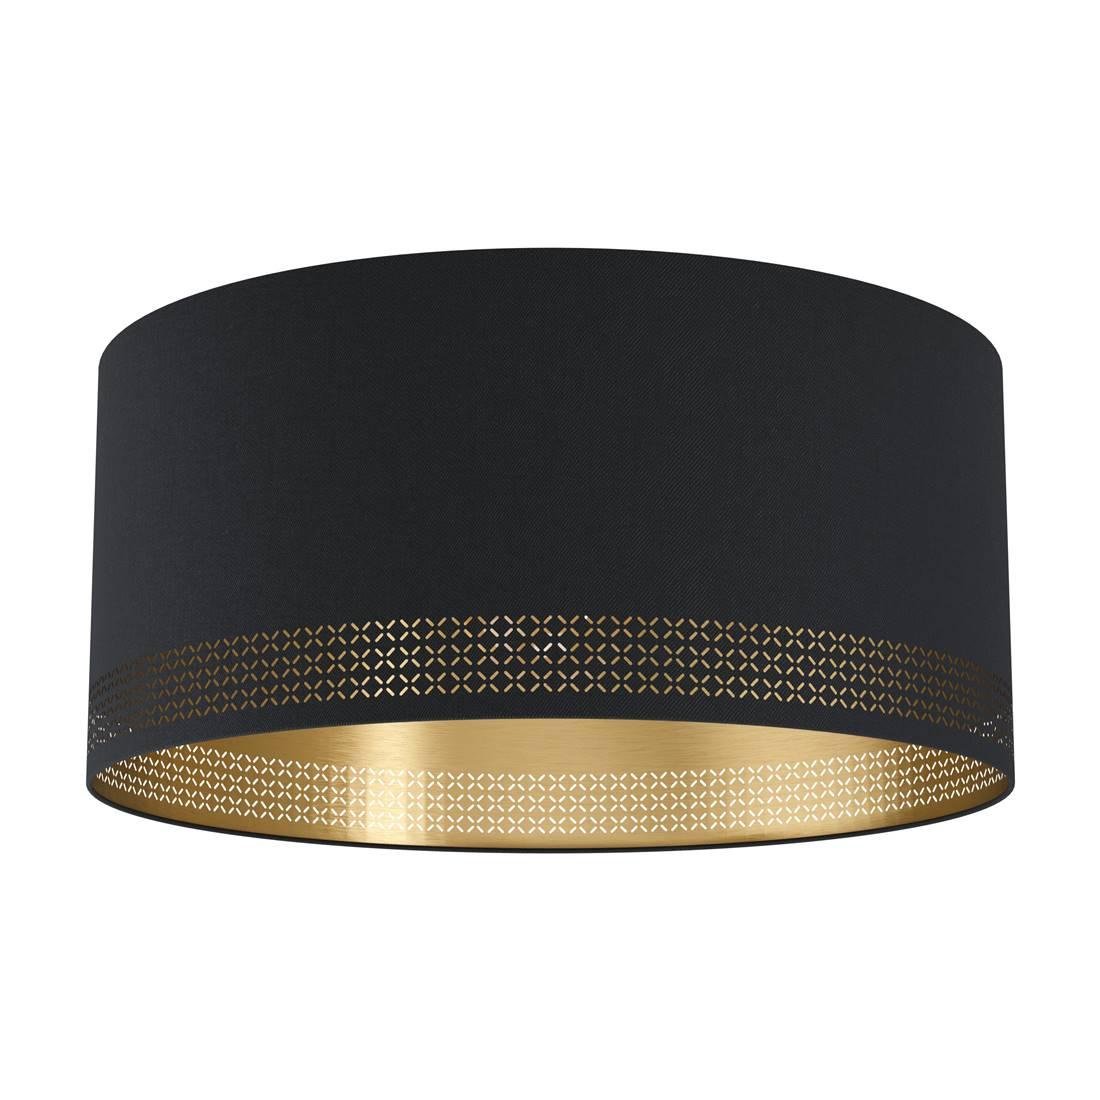 Deckenleuchte ESTEPERRA schwarz, gold H24 Ø47,5cm dimmbar   Lampen und Leuchten   myLeuchte.com